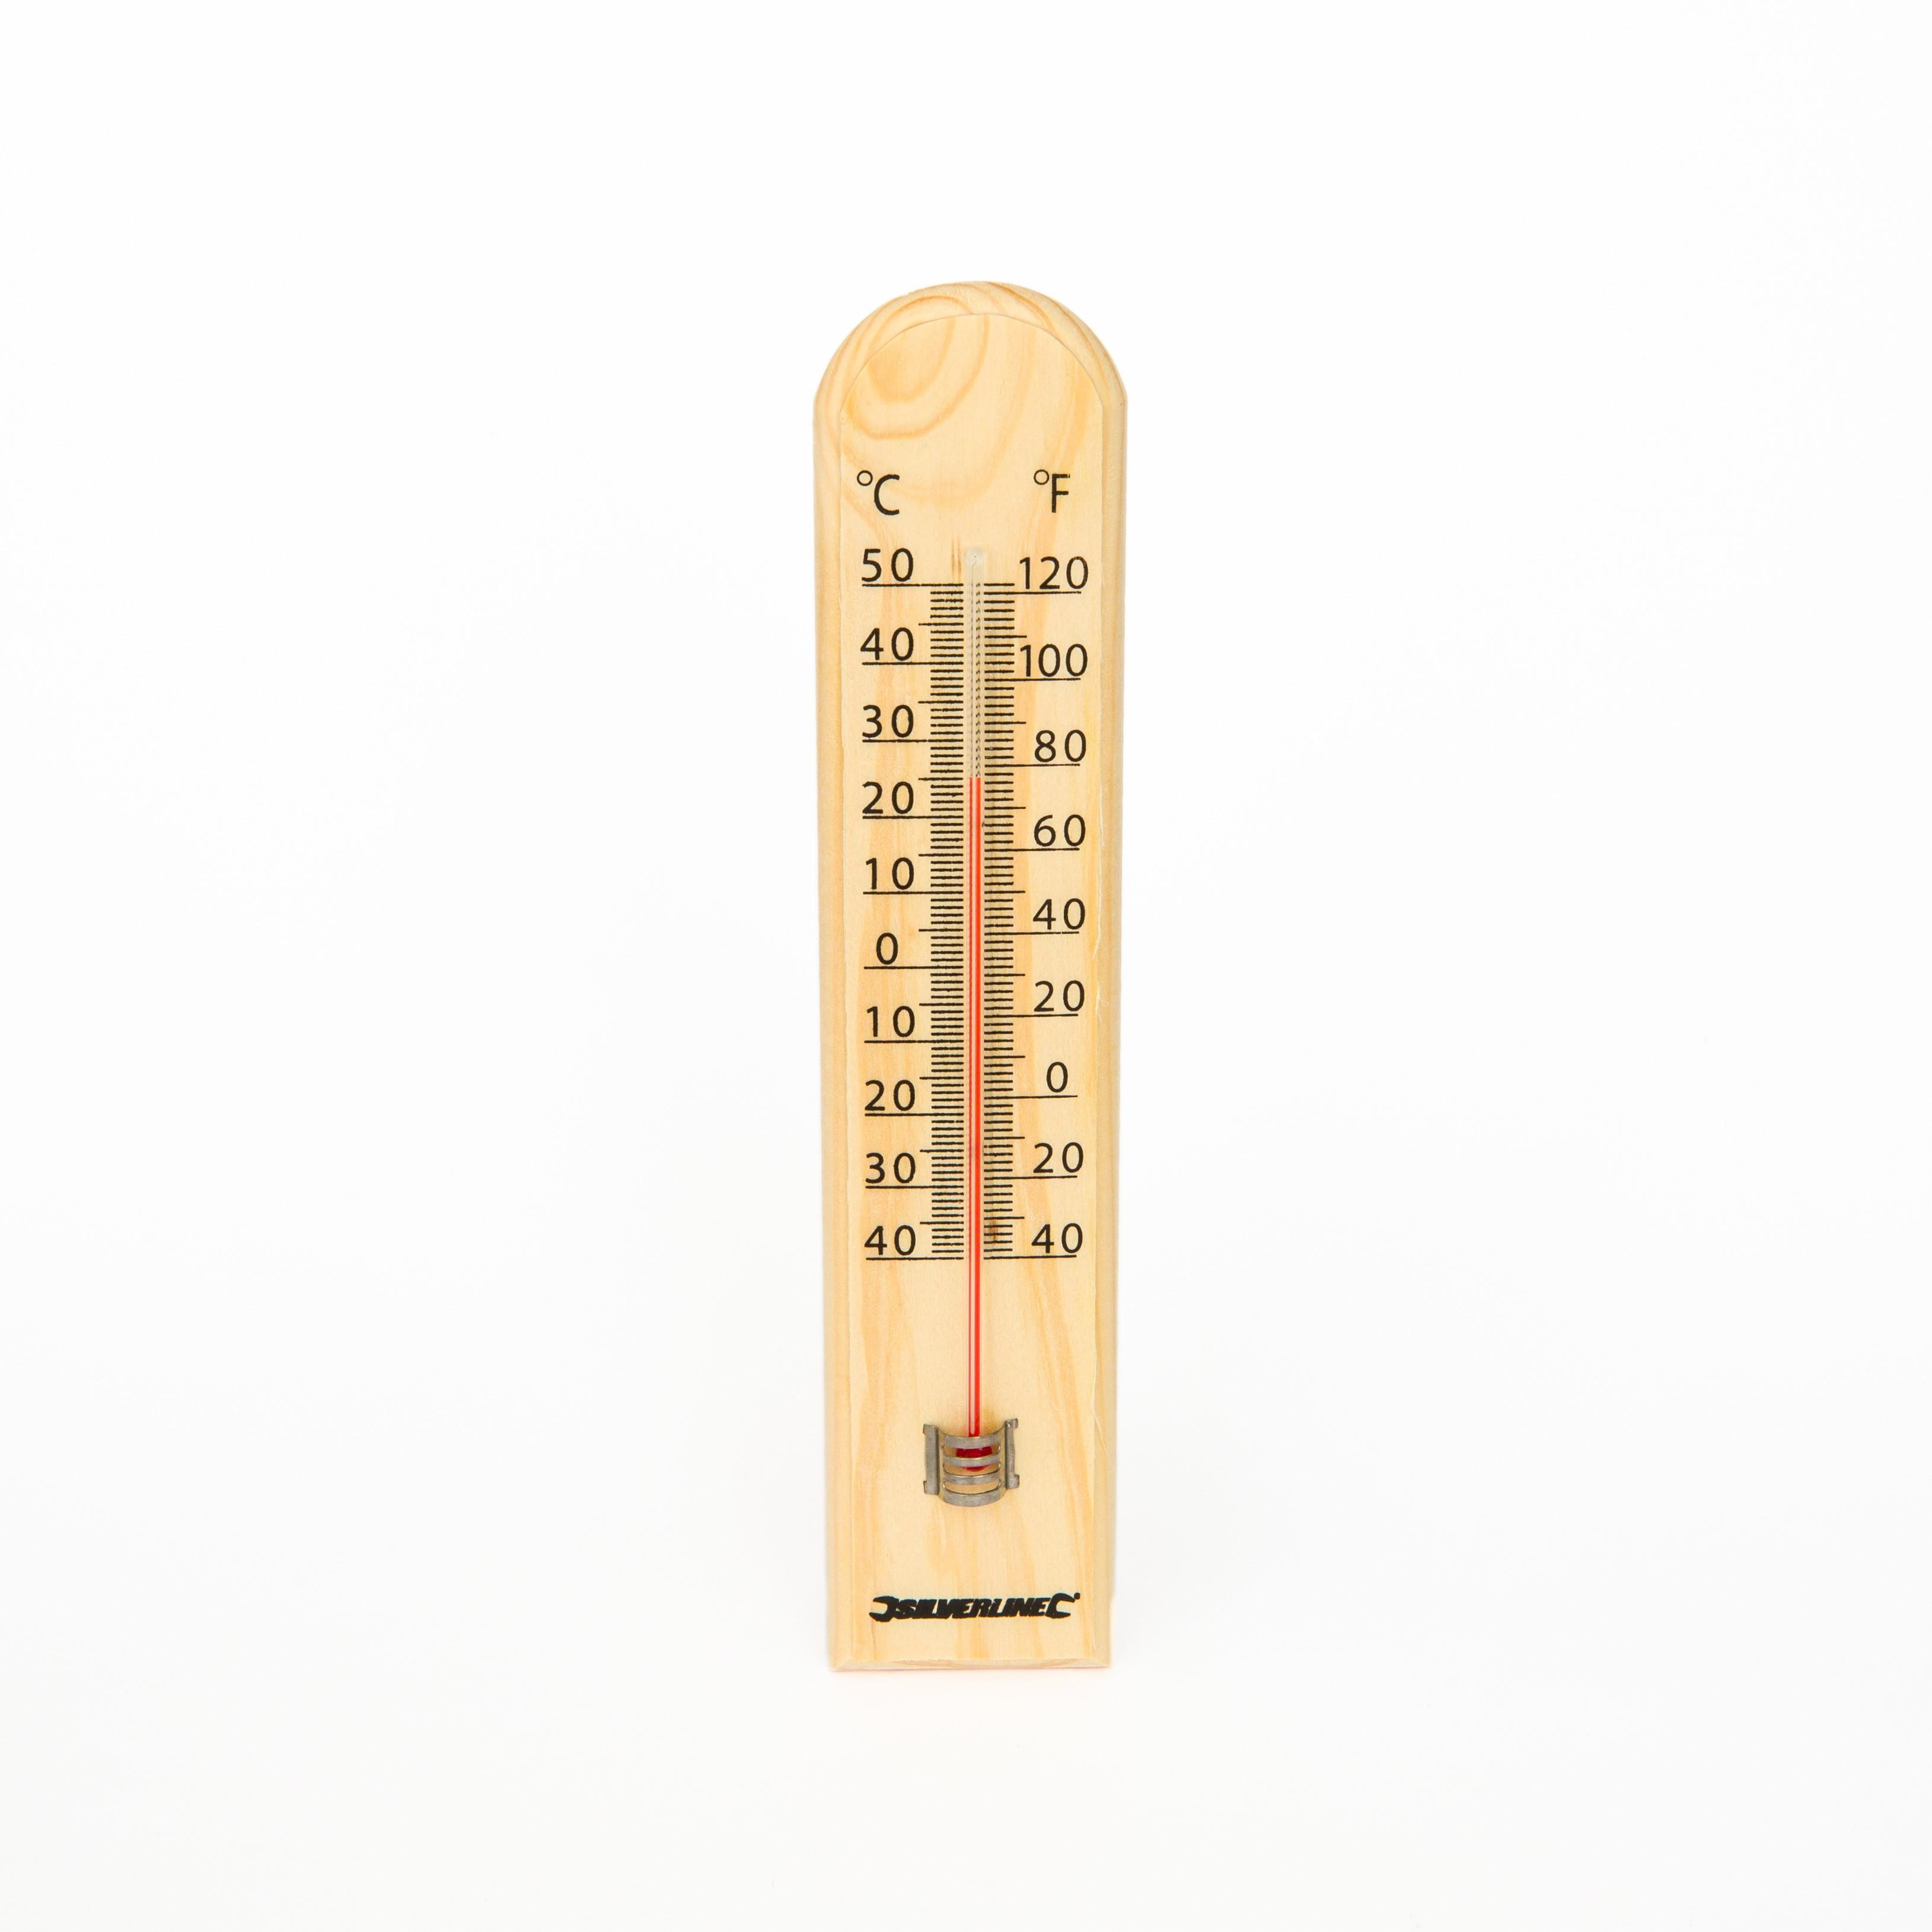 Termometro Per Esterno In Legno Bestprato Termometro di facile applicazione e lettura, indispensabile per conoscere la temperatura. termometro esterno legno bestprato